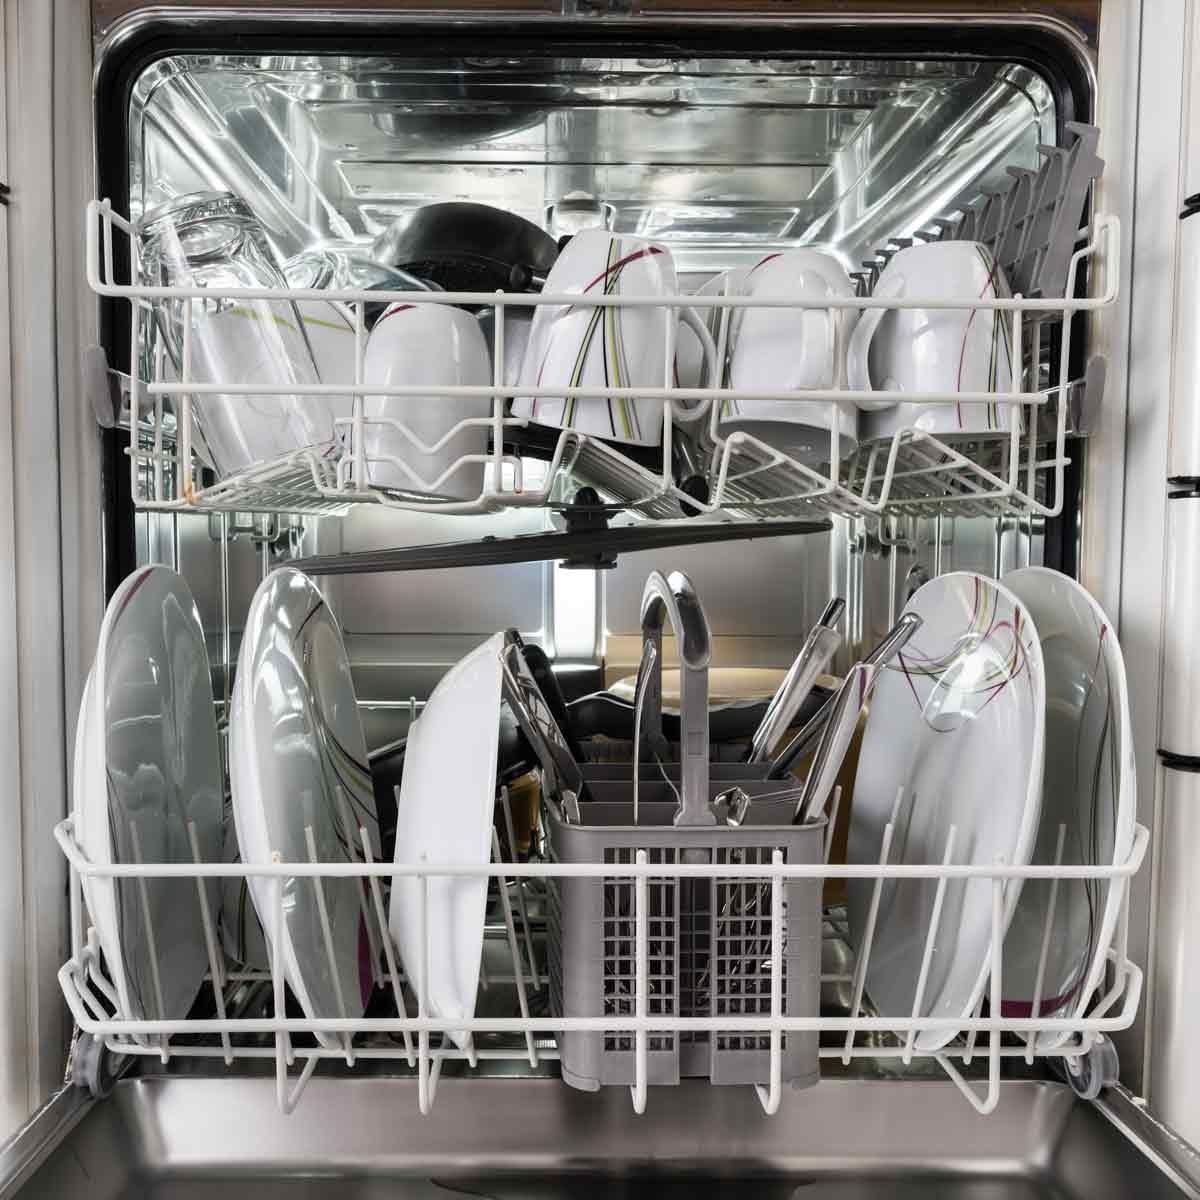 Photo-Of-Utensils-Arranged-In-Dishwasher-In-Kitchen